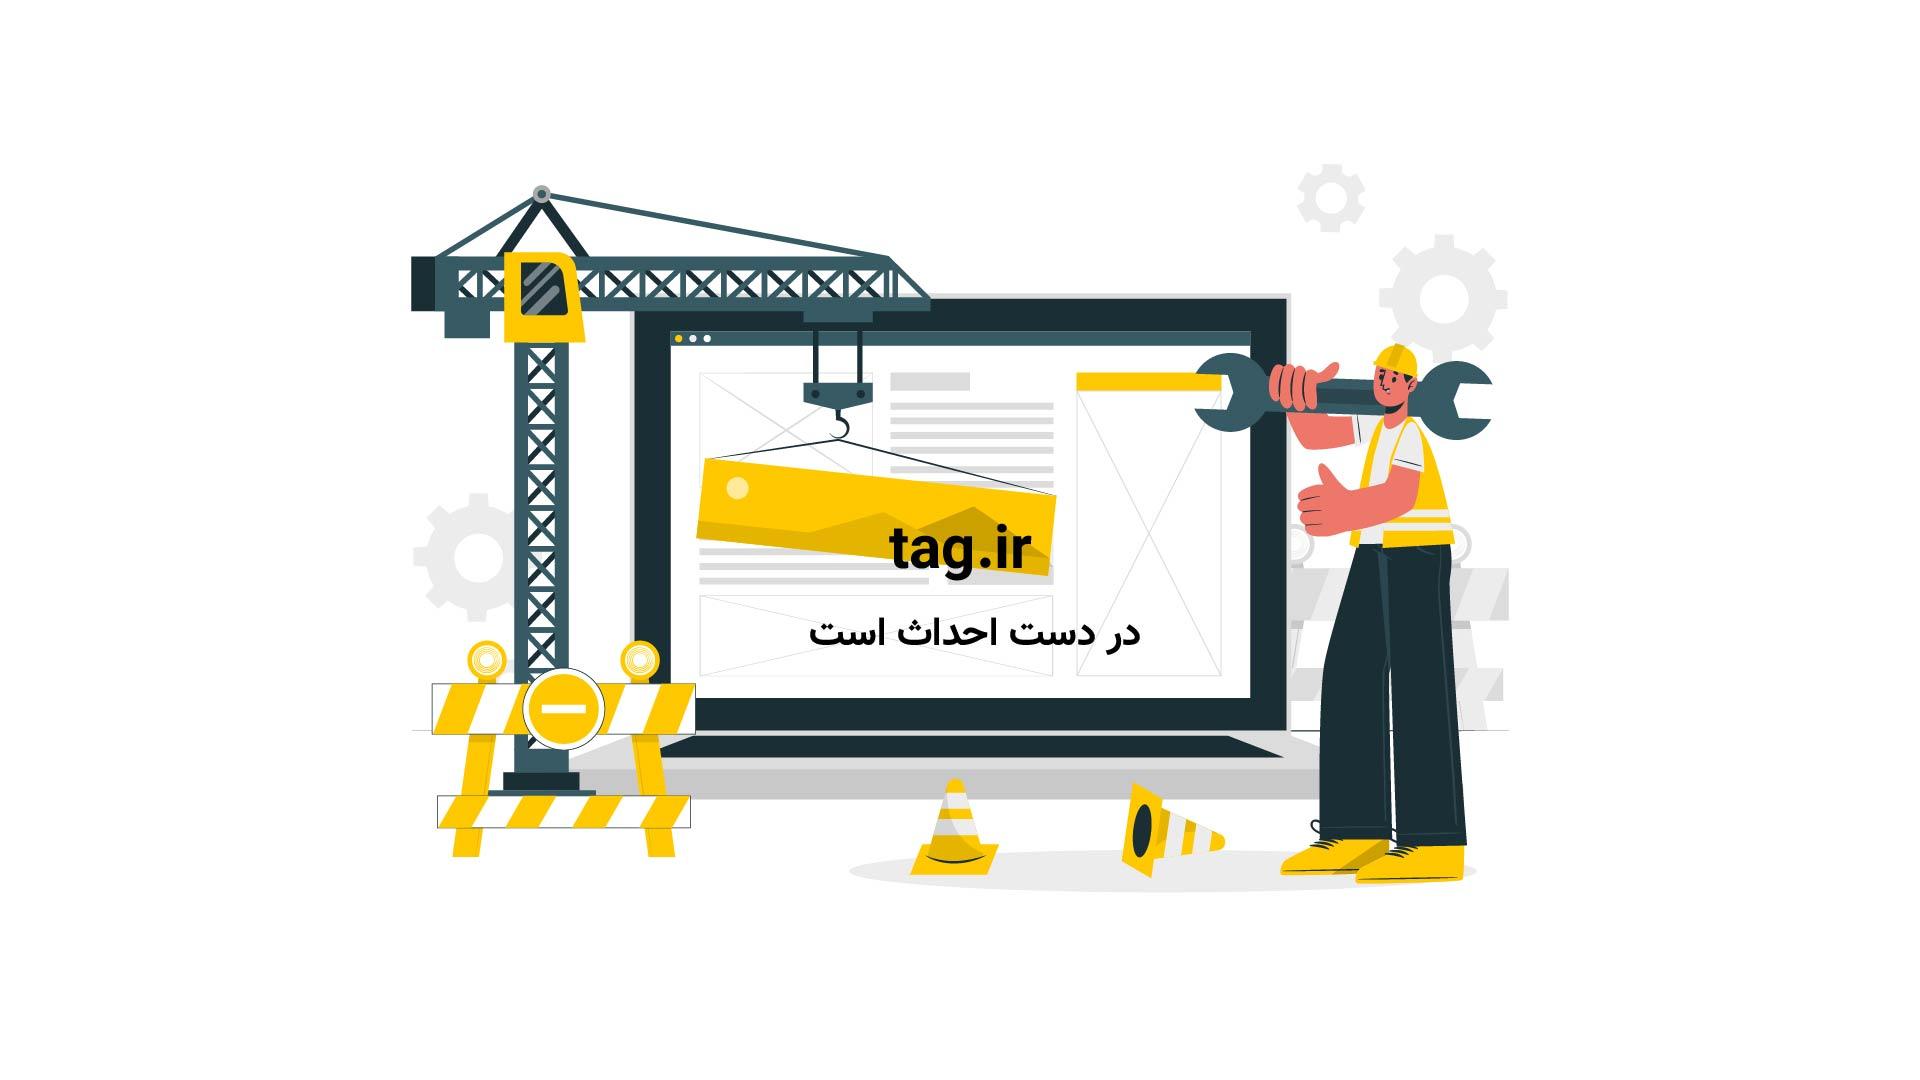 ابزار پوشیدنی در عینک شما که همه چیز را کنترل می کند | فیلم